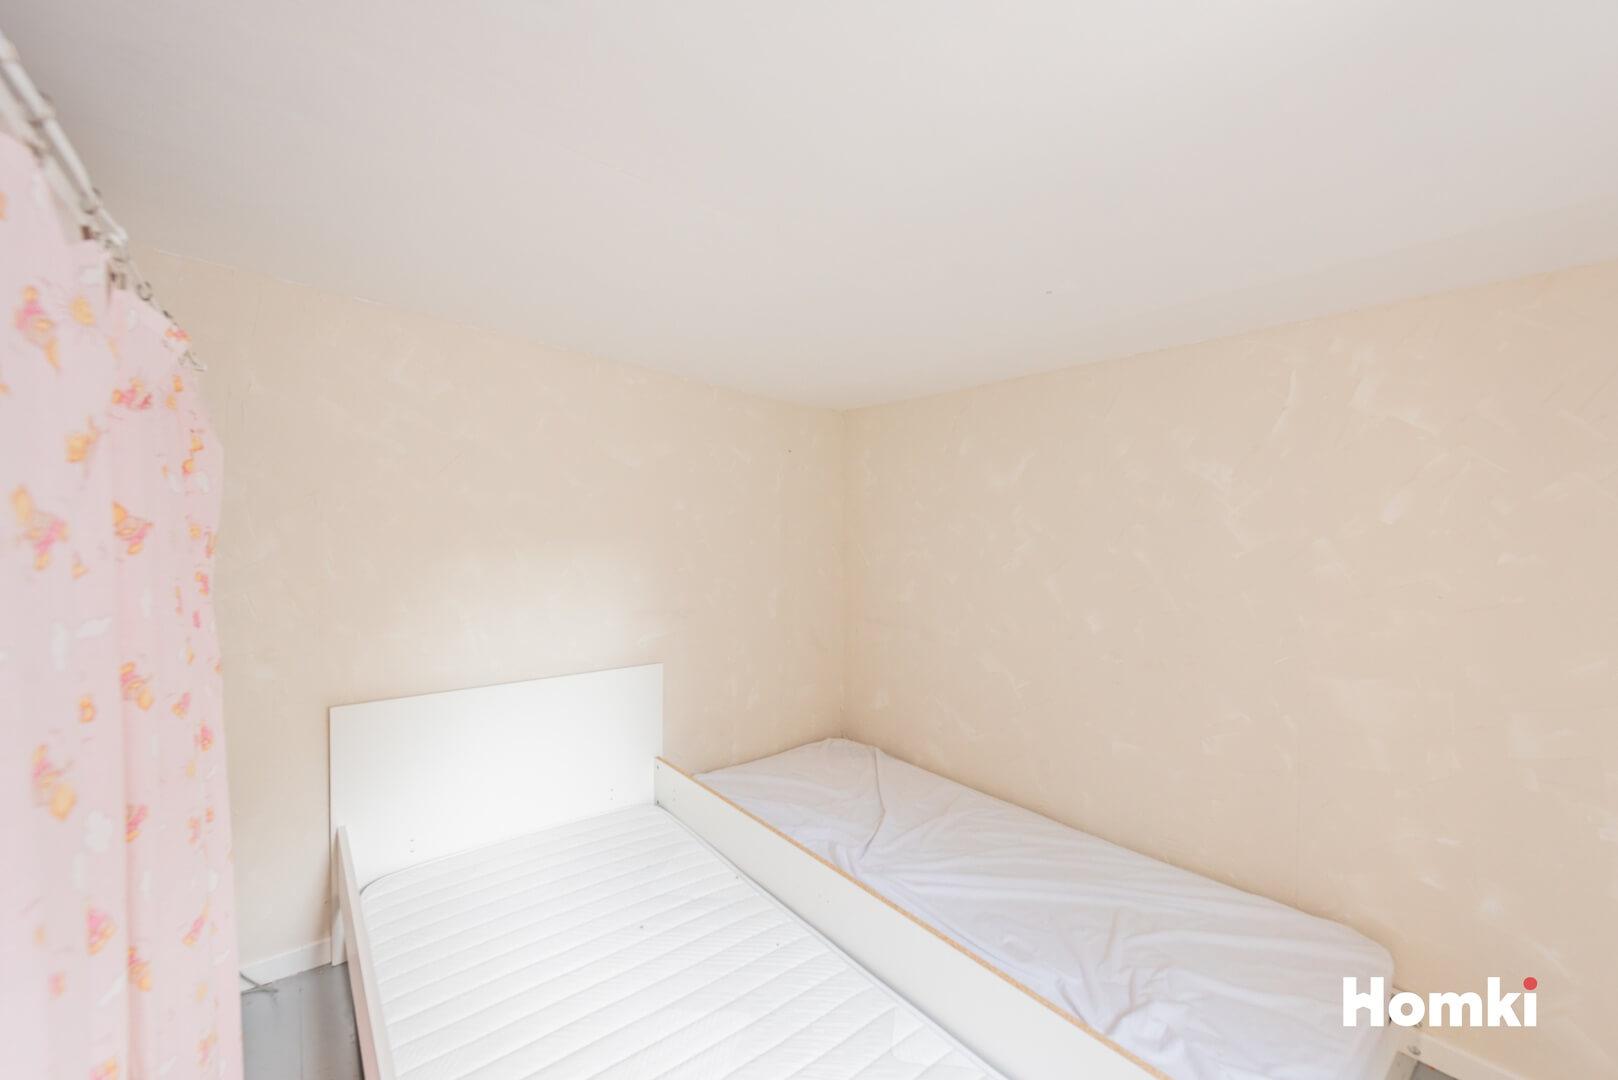 Homki - Vente Maison de ville  de 75.92 m² à Biot 06410